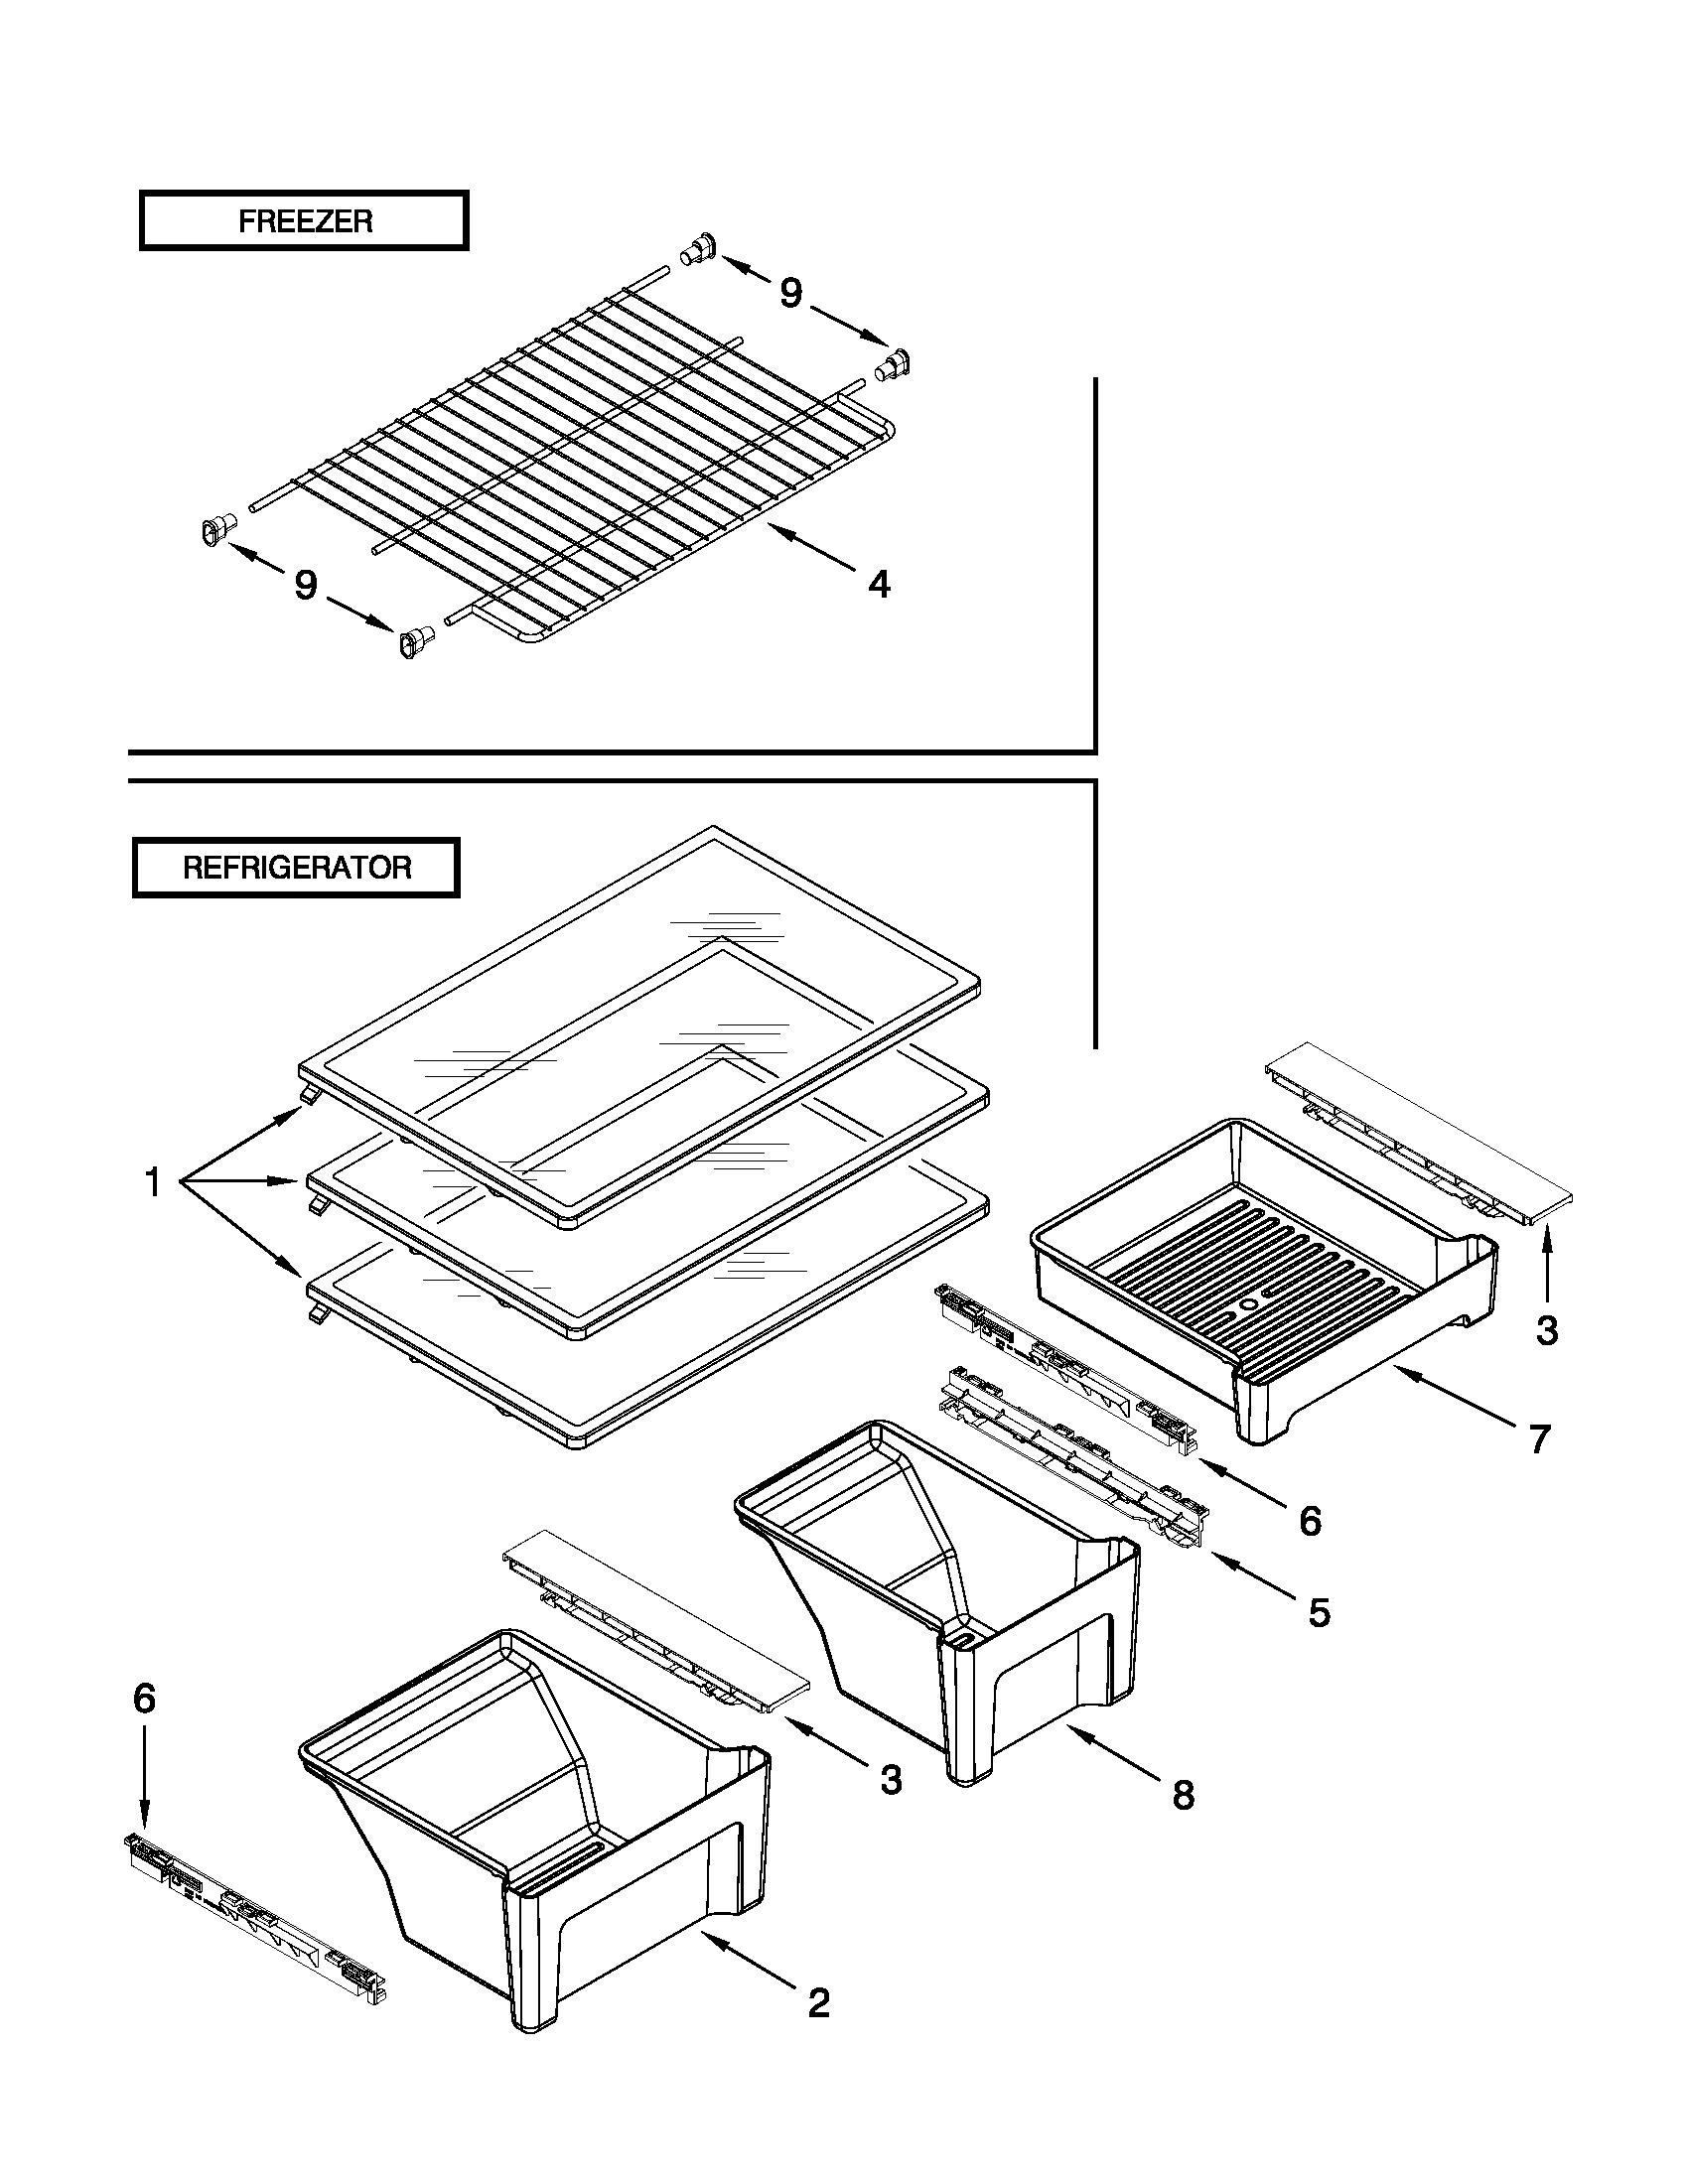 SHELF PARTS Diagram & Parts List for Model WRT311SFYB00